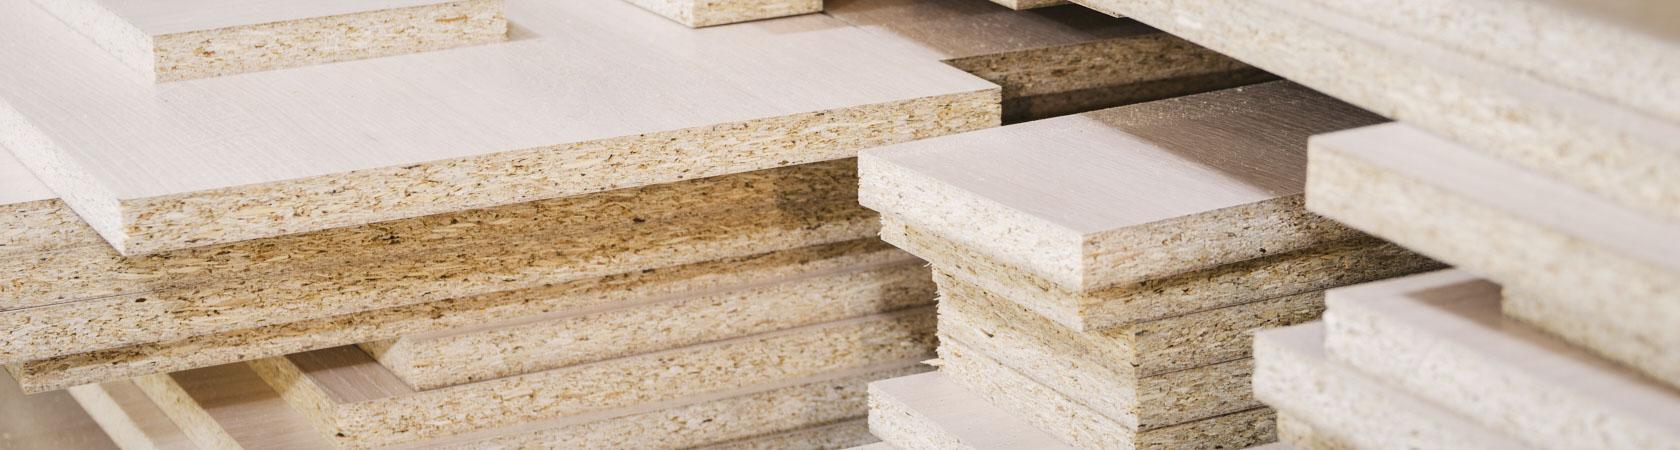 INSERCO - Holz